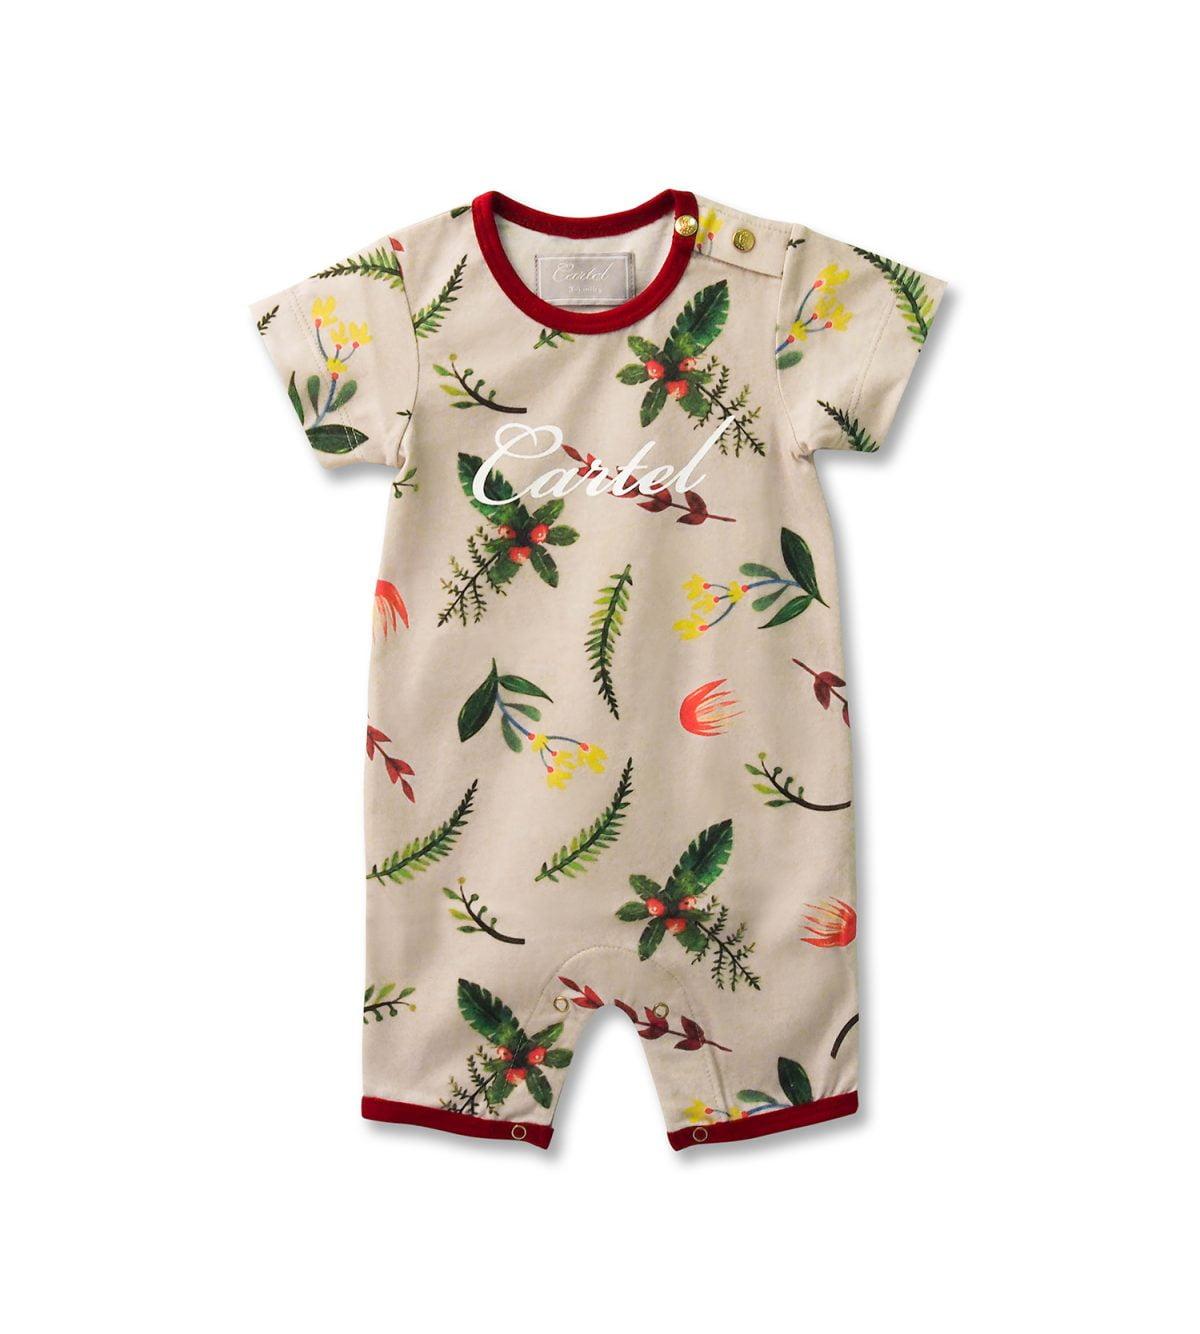 Camodots Shirt_01_01